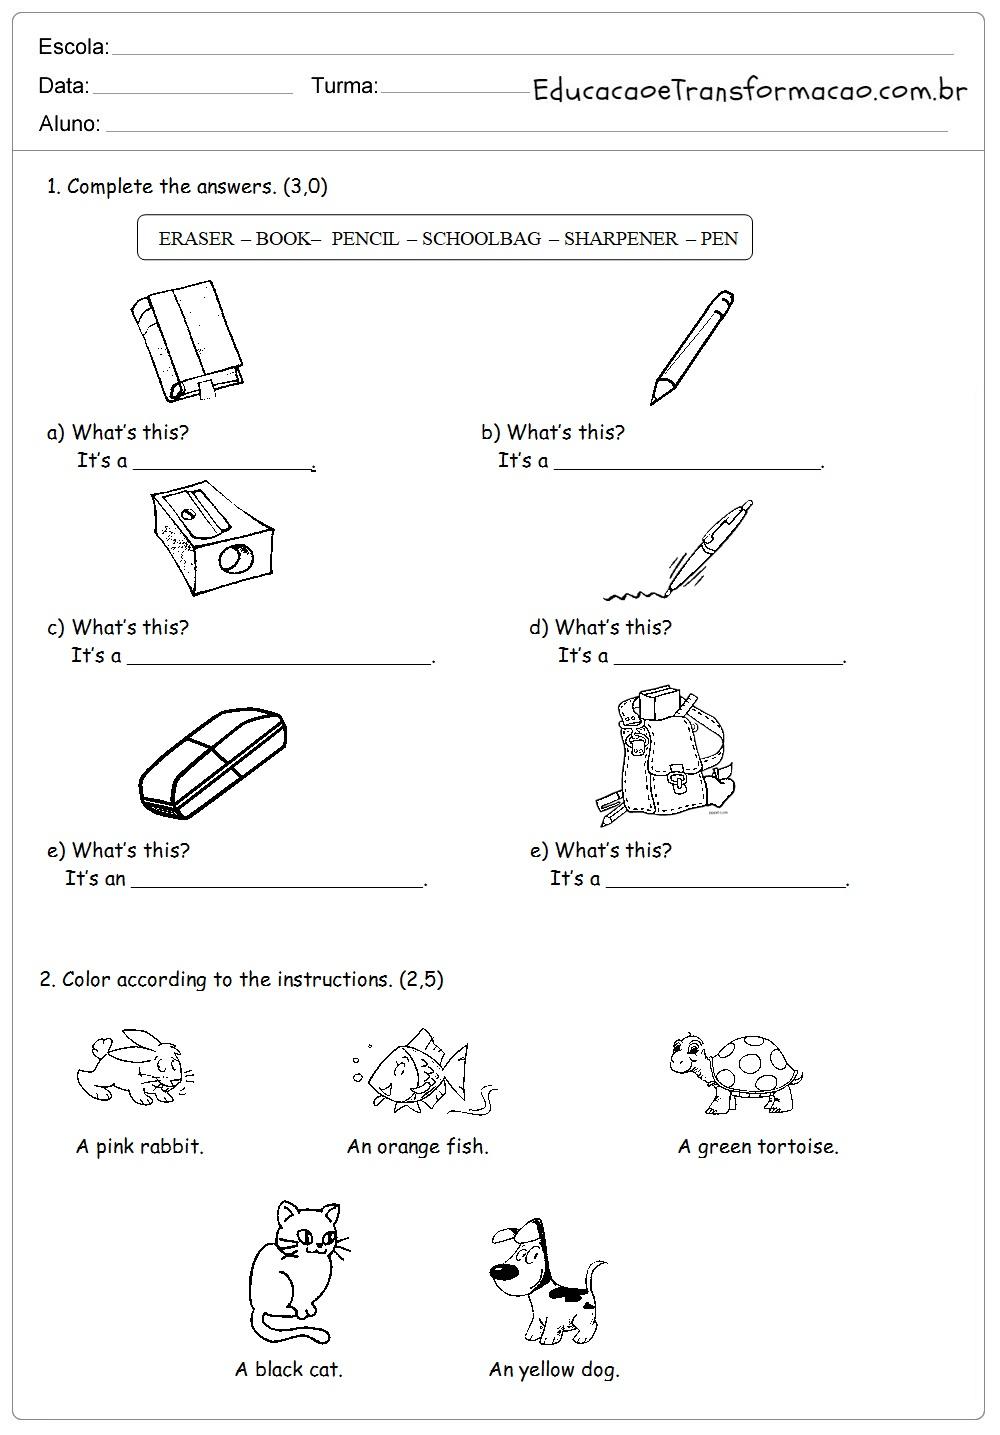 Extremamente Atividades de Inglês 5 ano do Ensino Fundamental - Para Imprimir. NY45